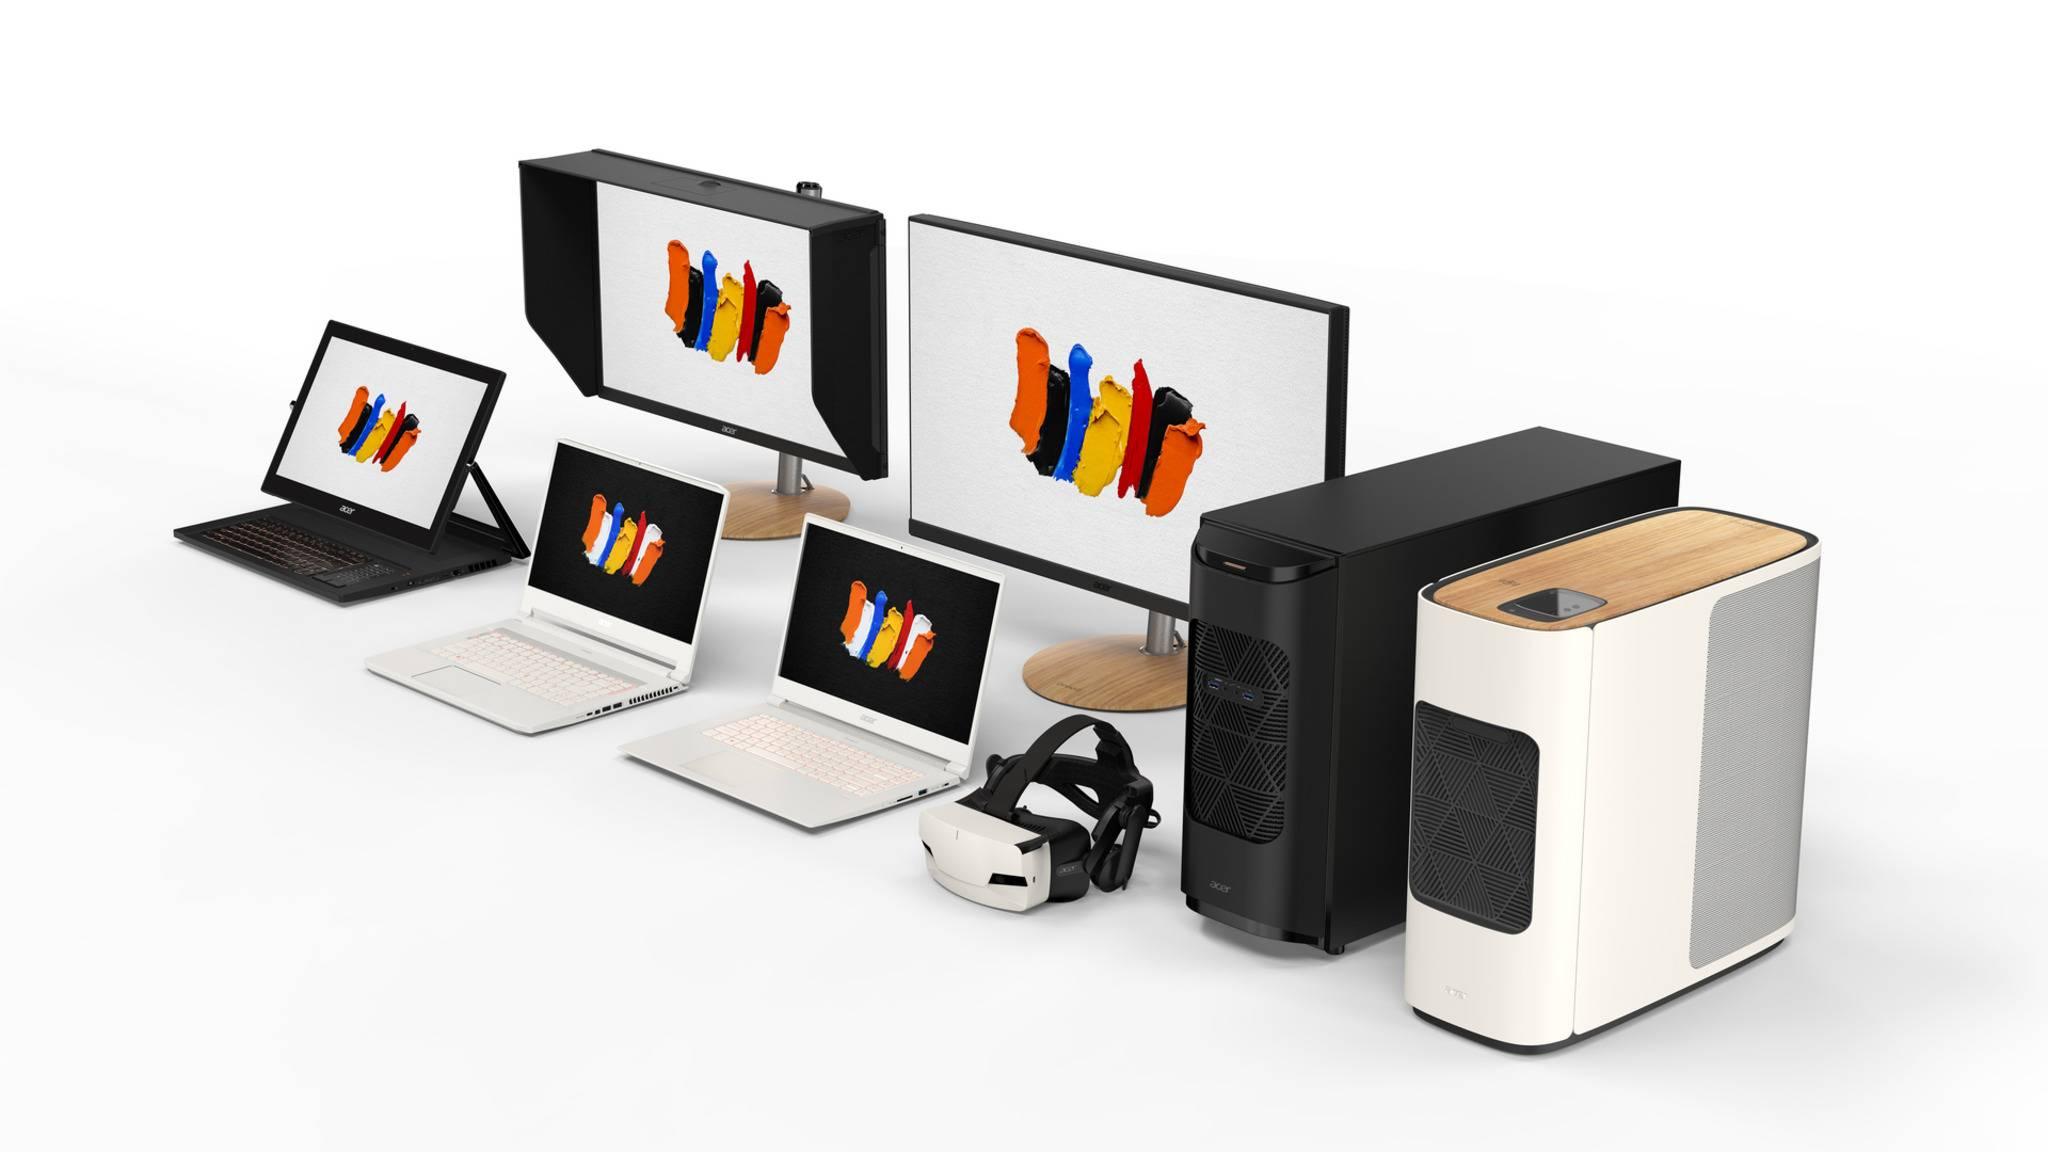 Zur ConceptD-Produktgruppe von Acer gehören auch leistungsstarke Desktop-PCs und Grafikmonitore.